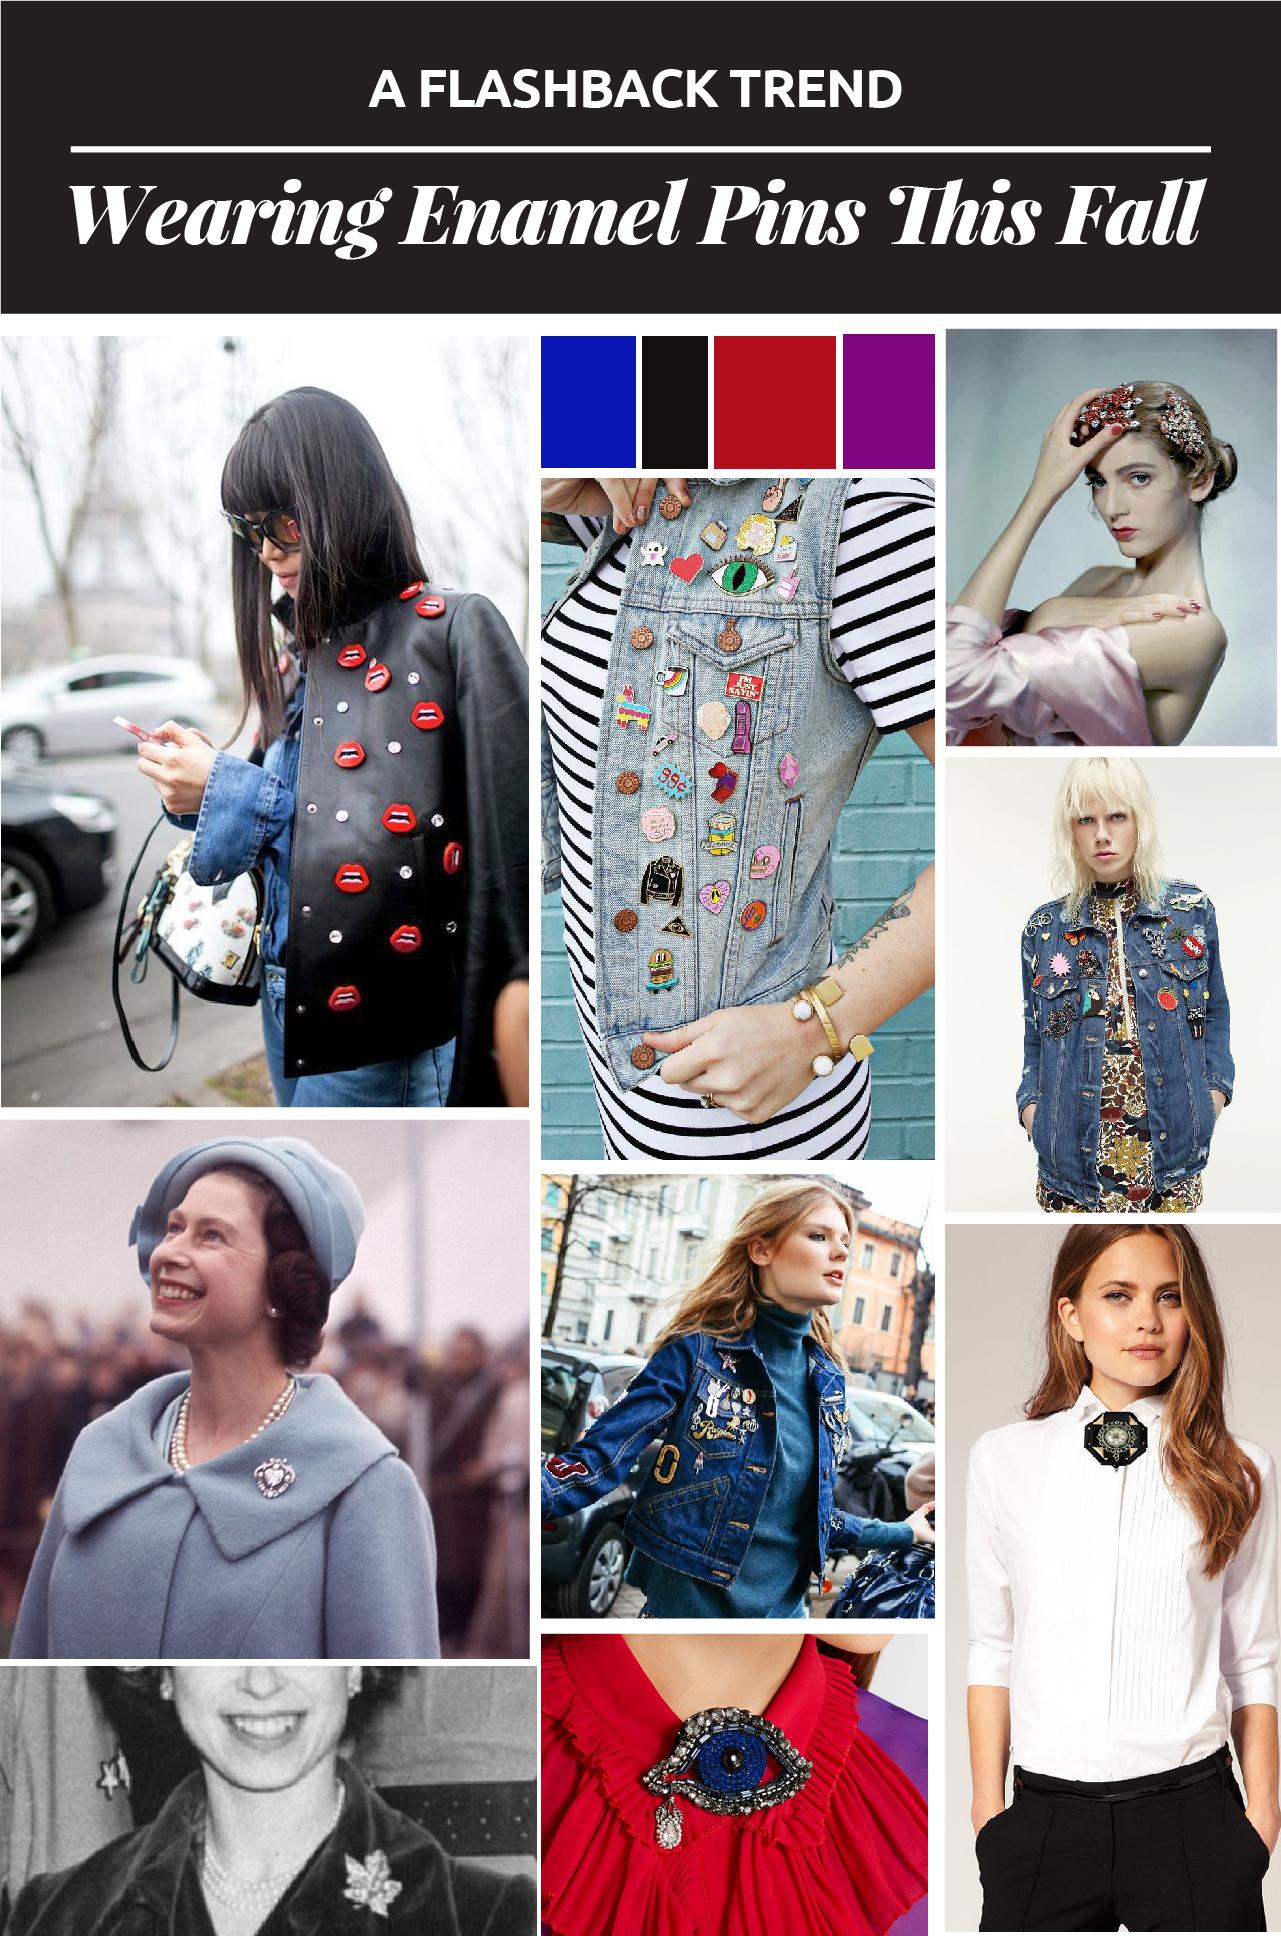 UNA TENDENCIA DEL PASADO: LUCIENDO BROCHES DE ESMALTE // Los broches de esmalte son la última tendencia del otoño 2016. Esta tendencia divertida puede convertir cualquier chaqueta aburrida en una pieza elegante.